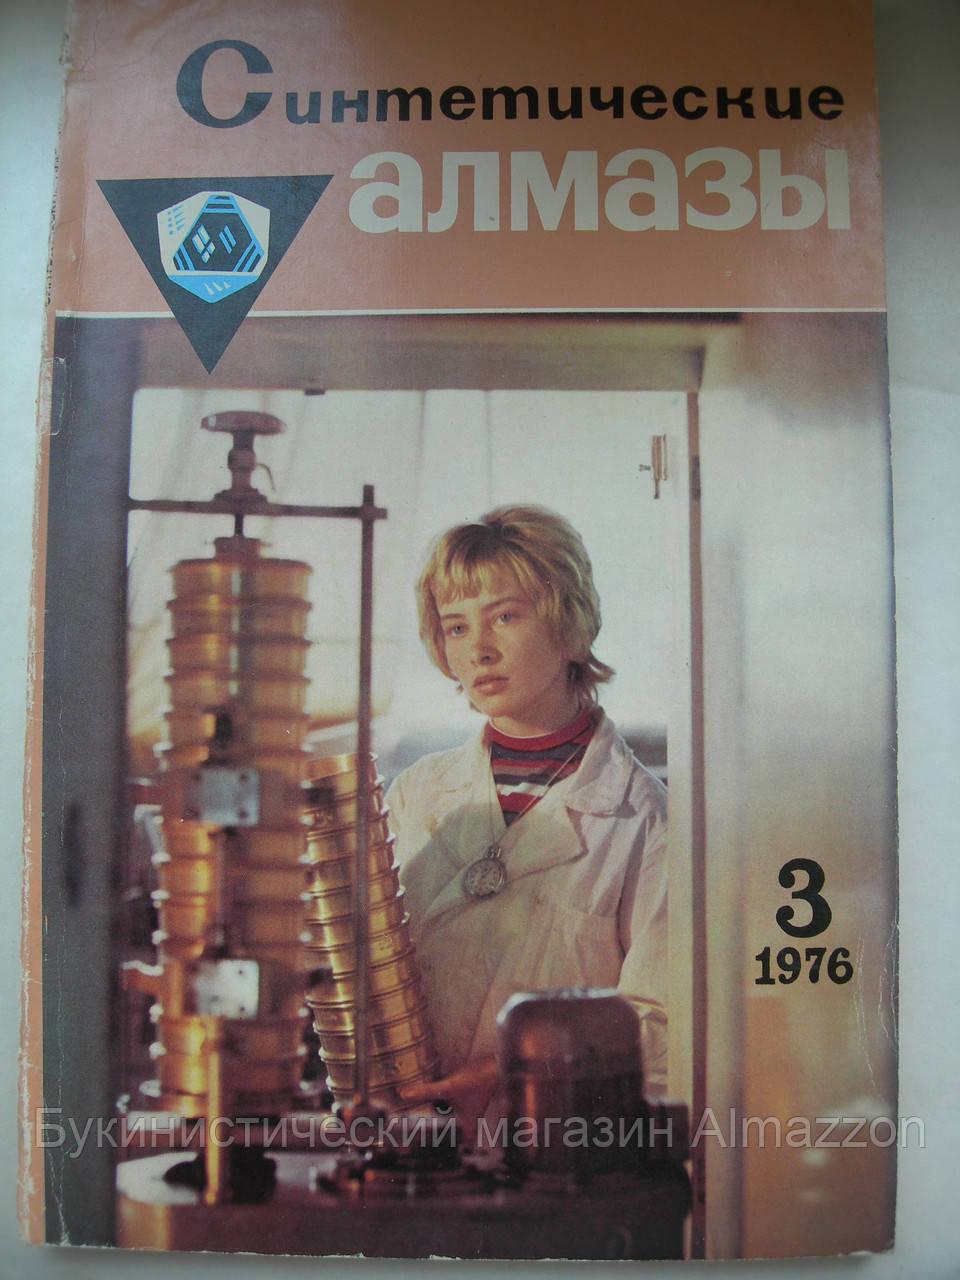 """Журнал """"Синтетические алмазы"""". 3.1976, фото 1"""